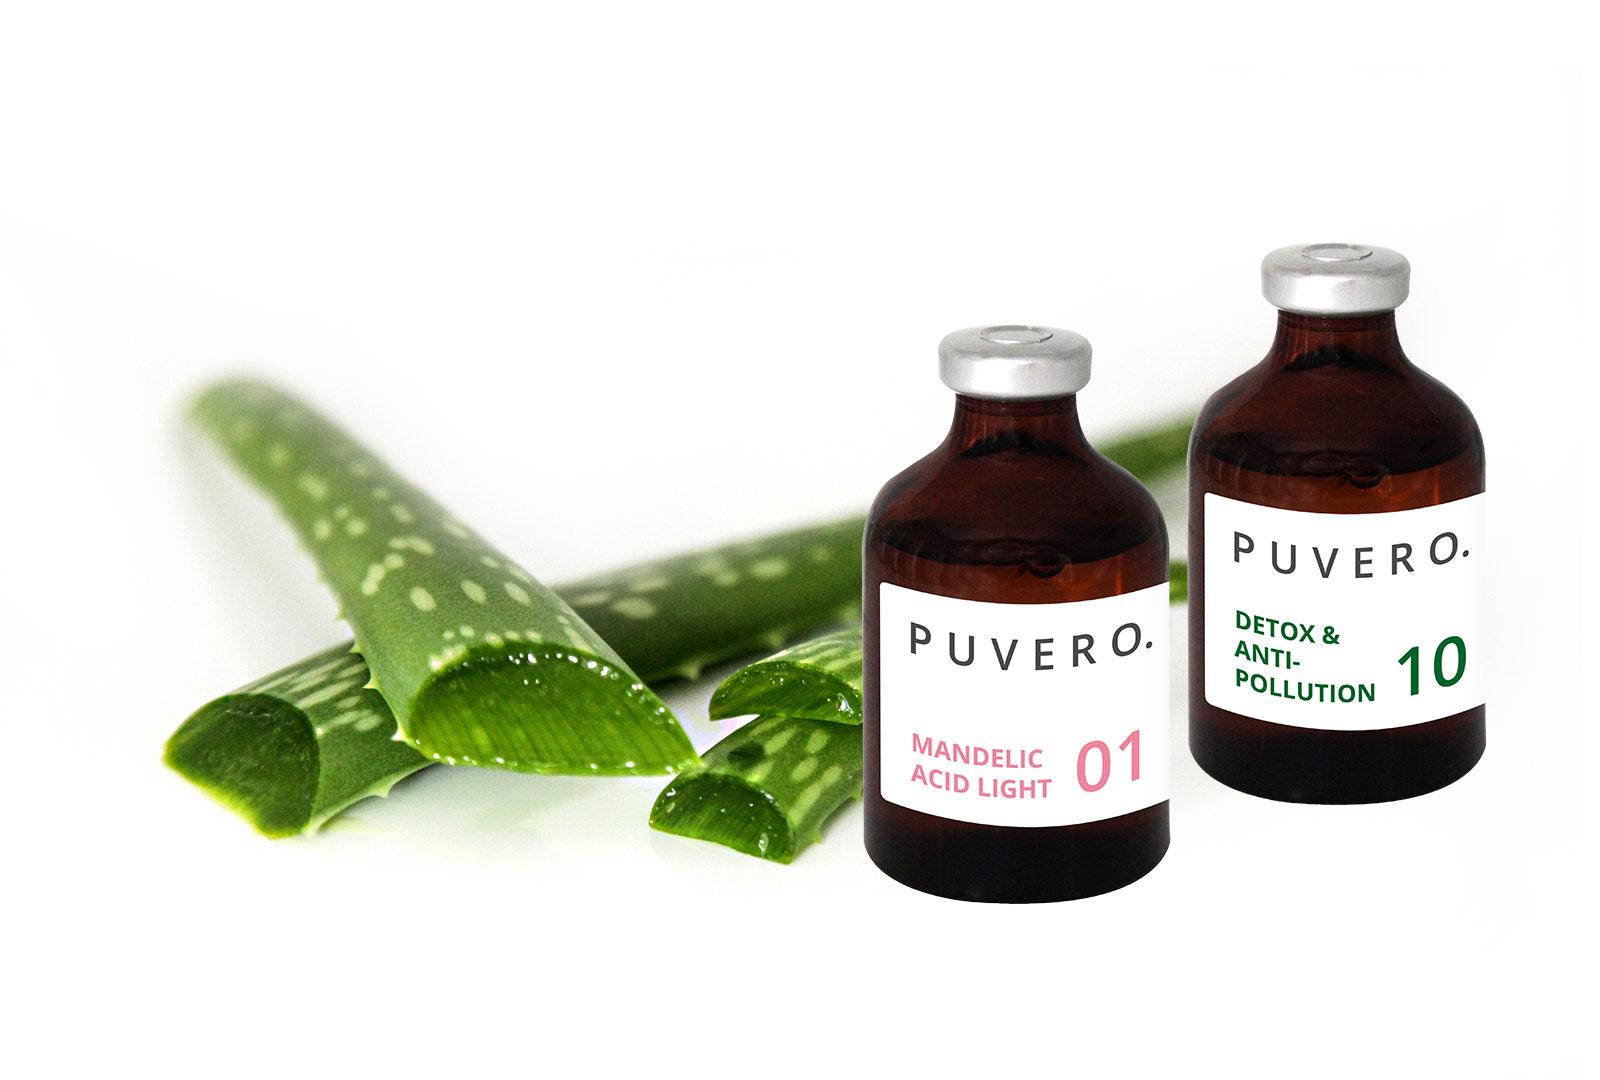 Active Agents Glasflasche mit Inhaltsstoff Aloe Vera